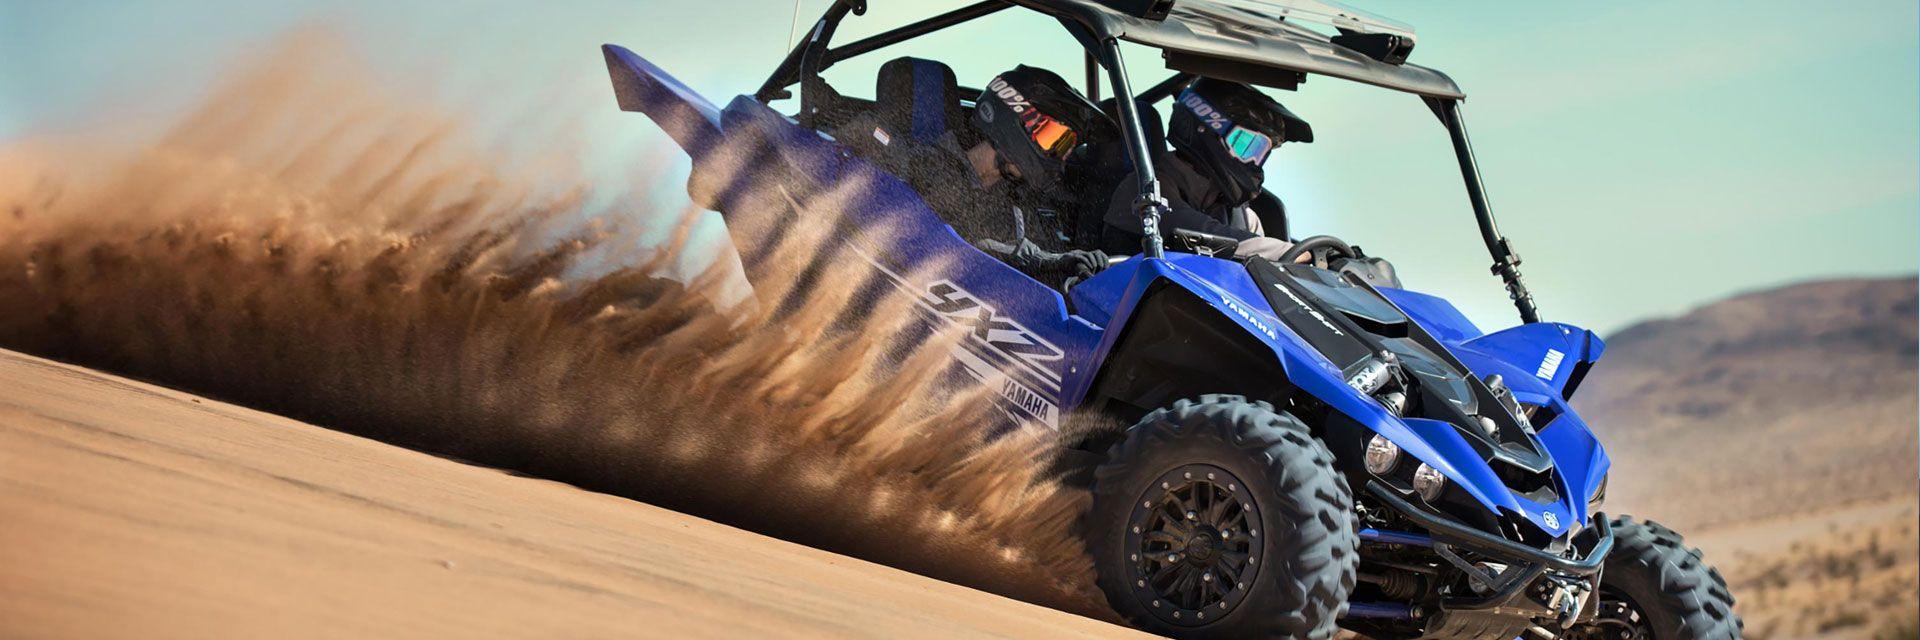 Fort Worth Motorsports | DFW Powersports | Yamaha Dealers